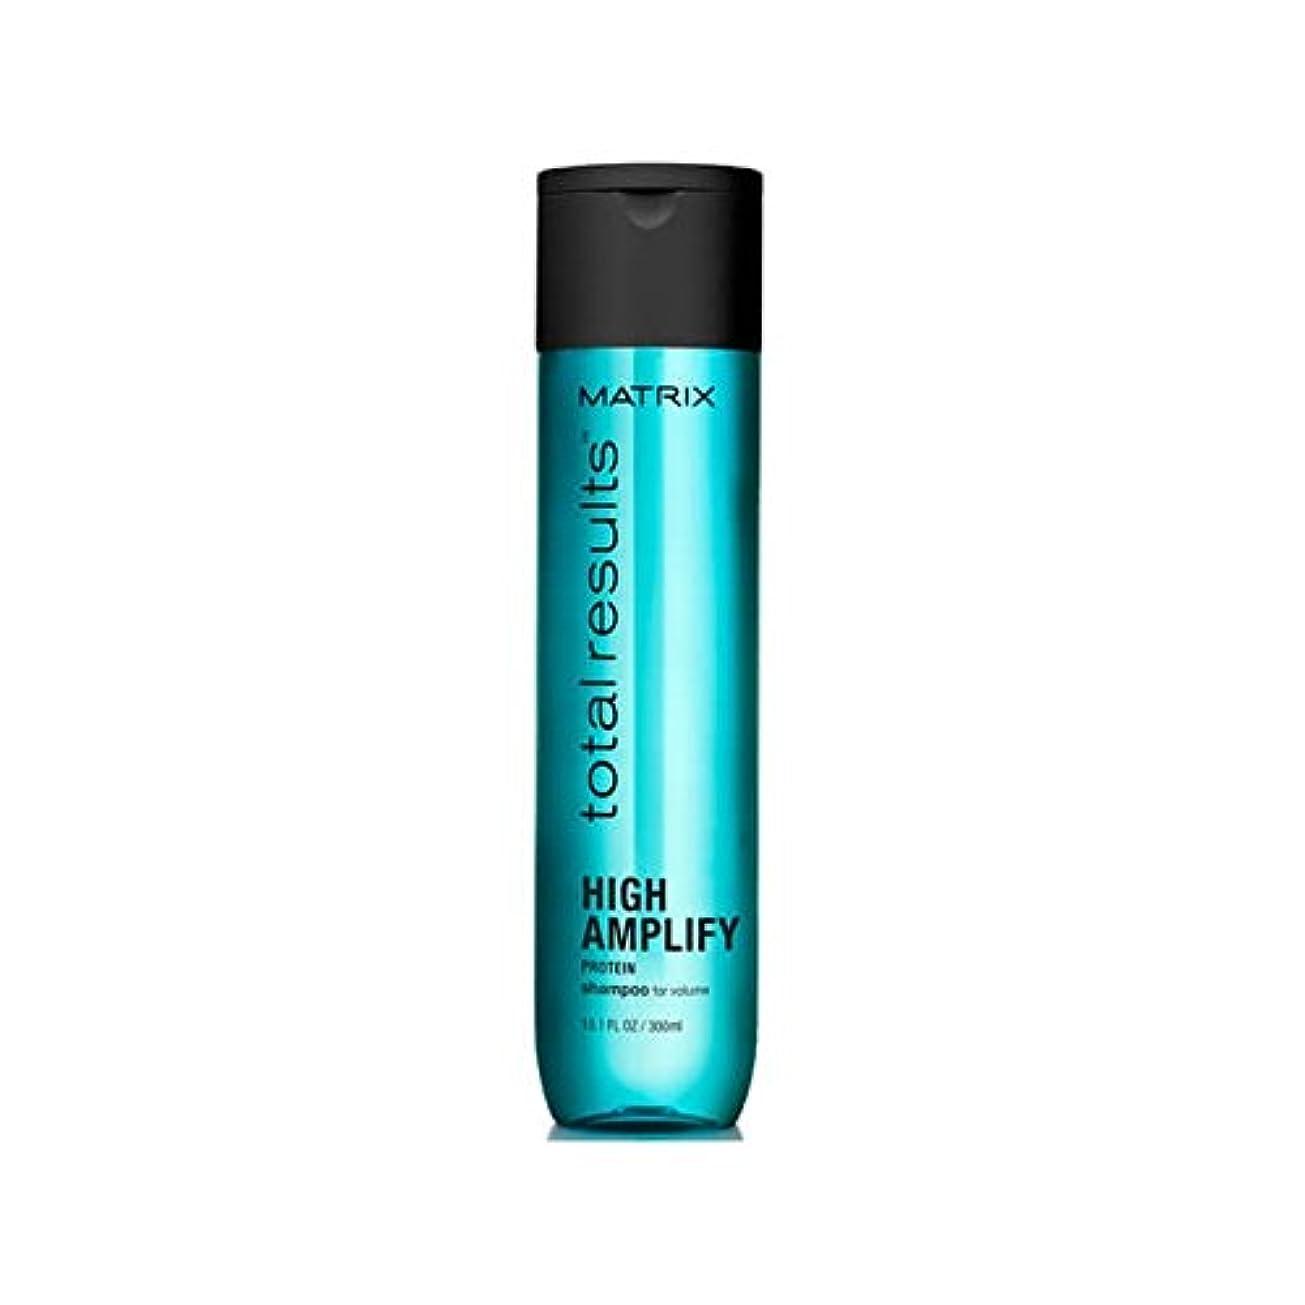 絶縁する生まれ伝染病マトリックスの総結果高いシャンプー(300ミリリットル) x2 - Matrix Total Results High Amplify Shampoo (300ml) (Pack of 2) [並行輸入品]